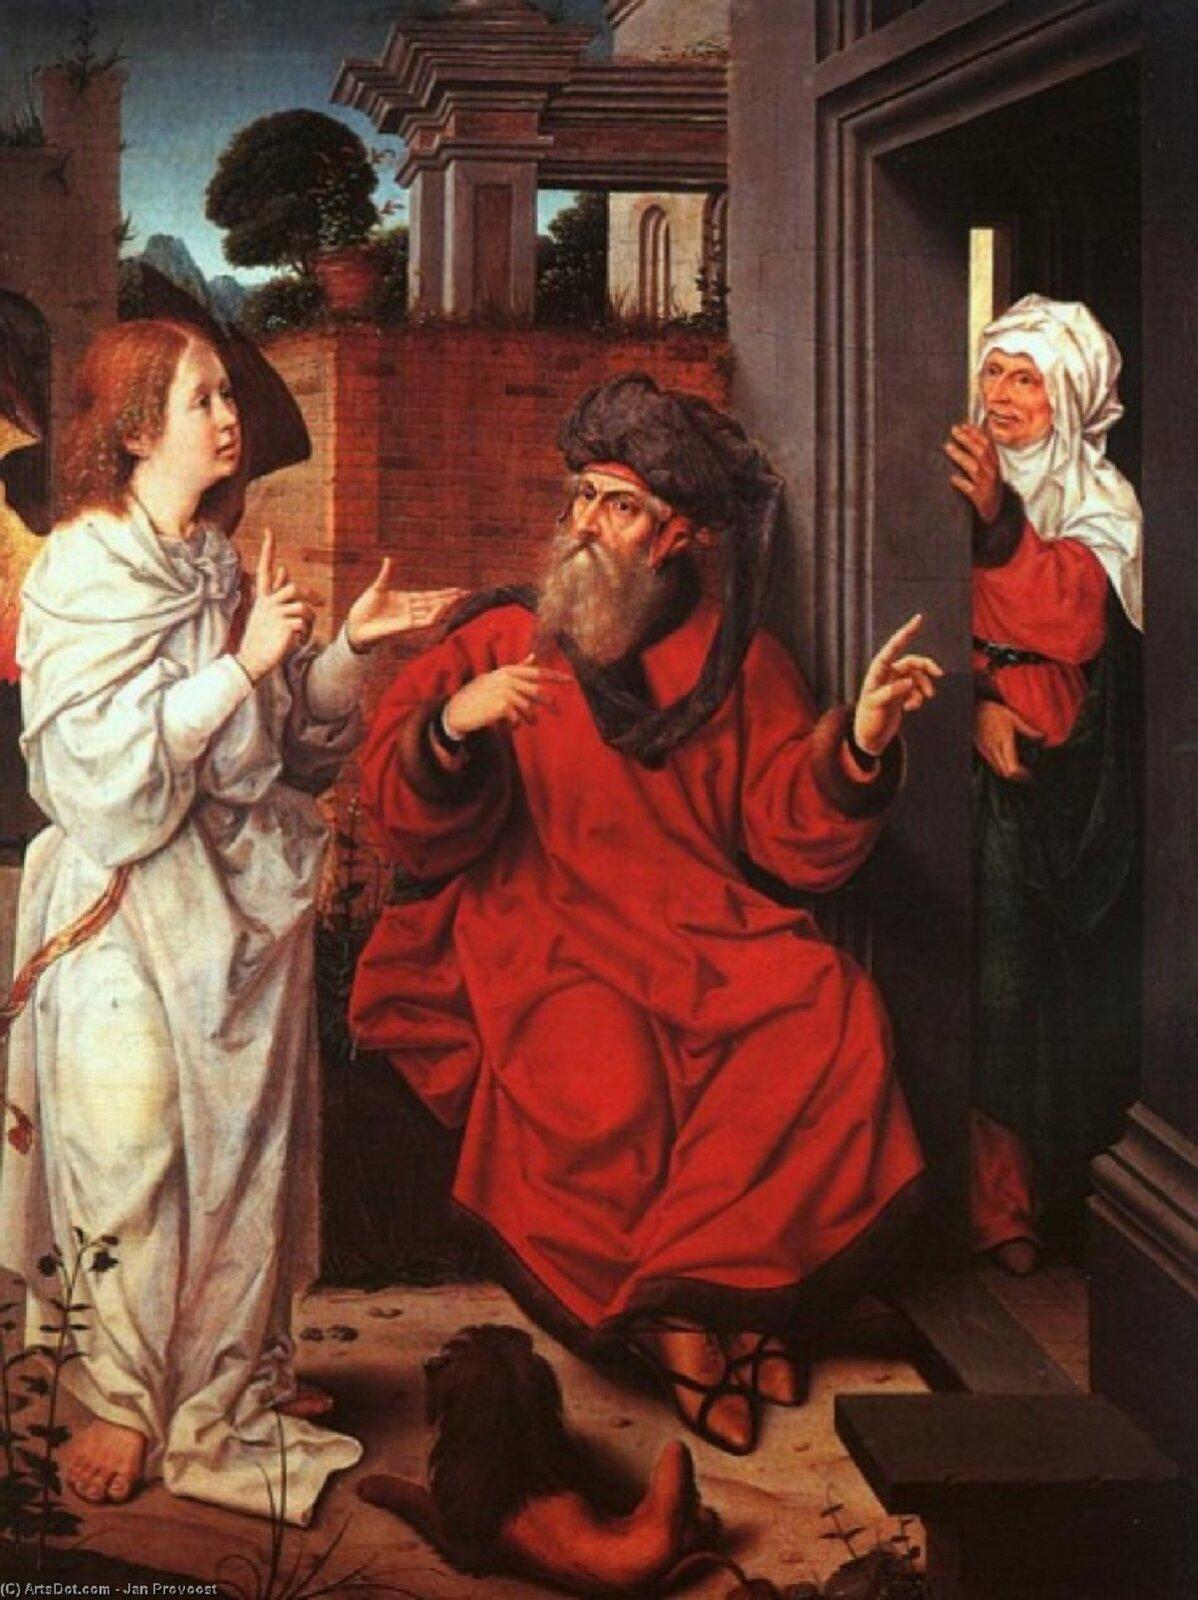 """Ilustracja przedstawia obraz """"Abraham, Sarah iAnioł"""" autorstwa Jana Provoosta. Obraz ukazuje postać mężczyzny oimieniu Abraham, kobietę oimieniu Sara oraz postać Anioła. Mężczyzna siedzi ubrany wczerwoną szatę oraz ciemne nakrycie głowy. Postać ma długą siwią brodę oraz wąsy. Obok mężczyzny znajduje się postać anioła ubranego wbiałą szatę. Zza drzwi wychyla się postać starszej kobiety - Sary. Kobieta ma jasne nakrycie głowy oraz zielono-czerwone ubranie."""